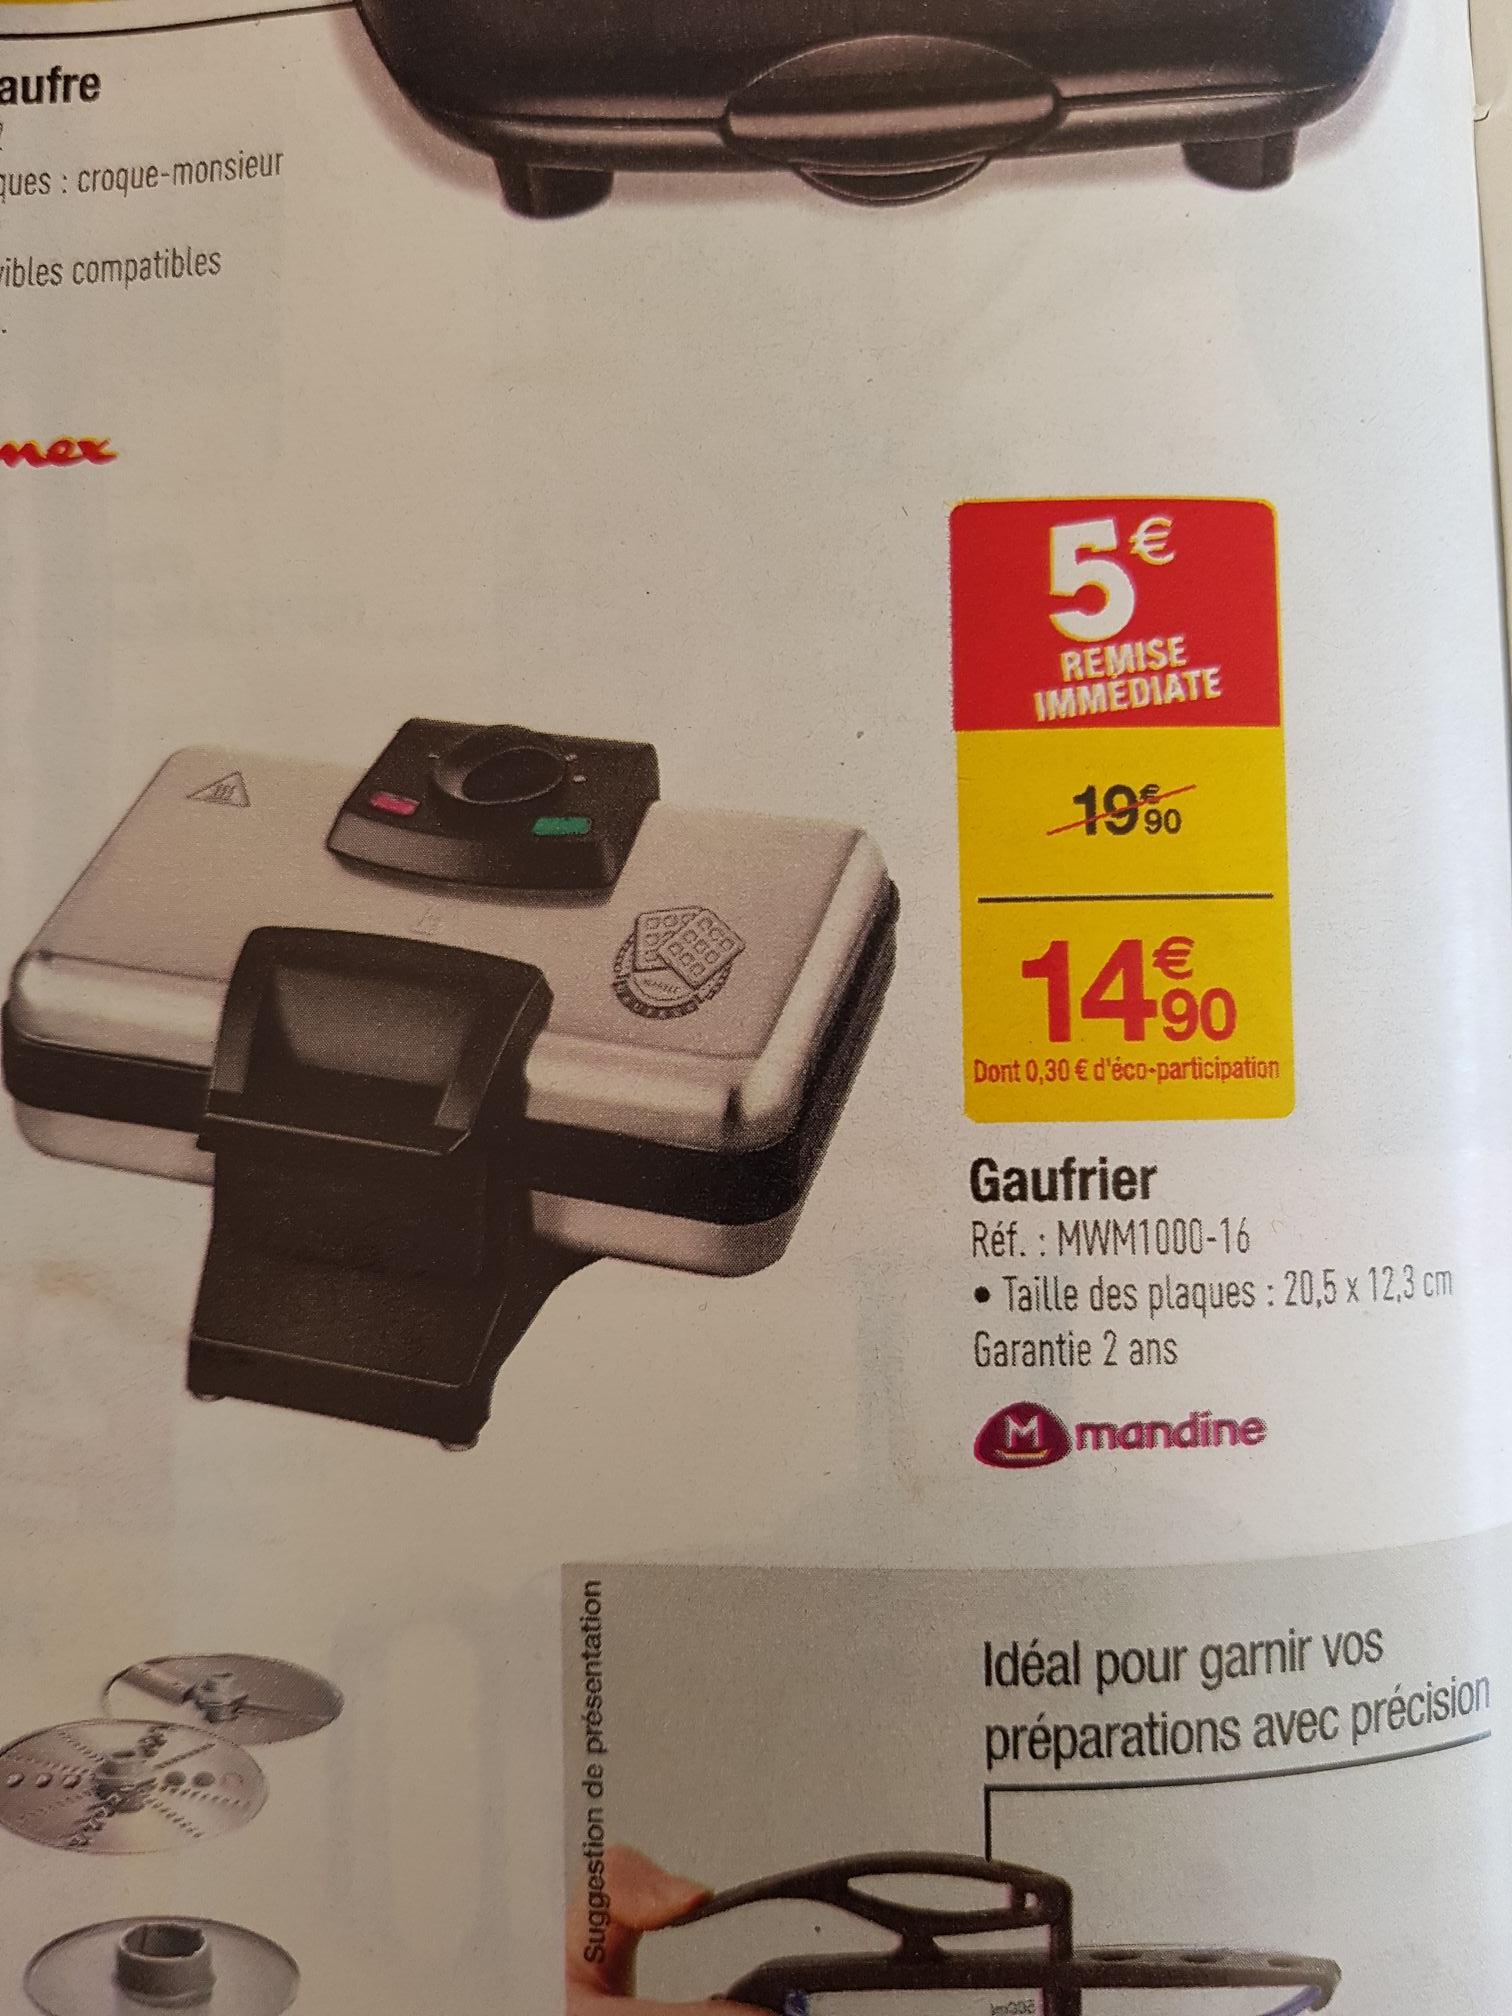 Gaufrier Mandine MWM1000-16